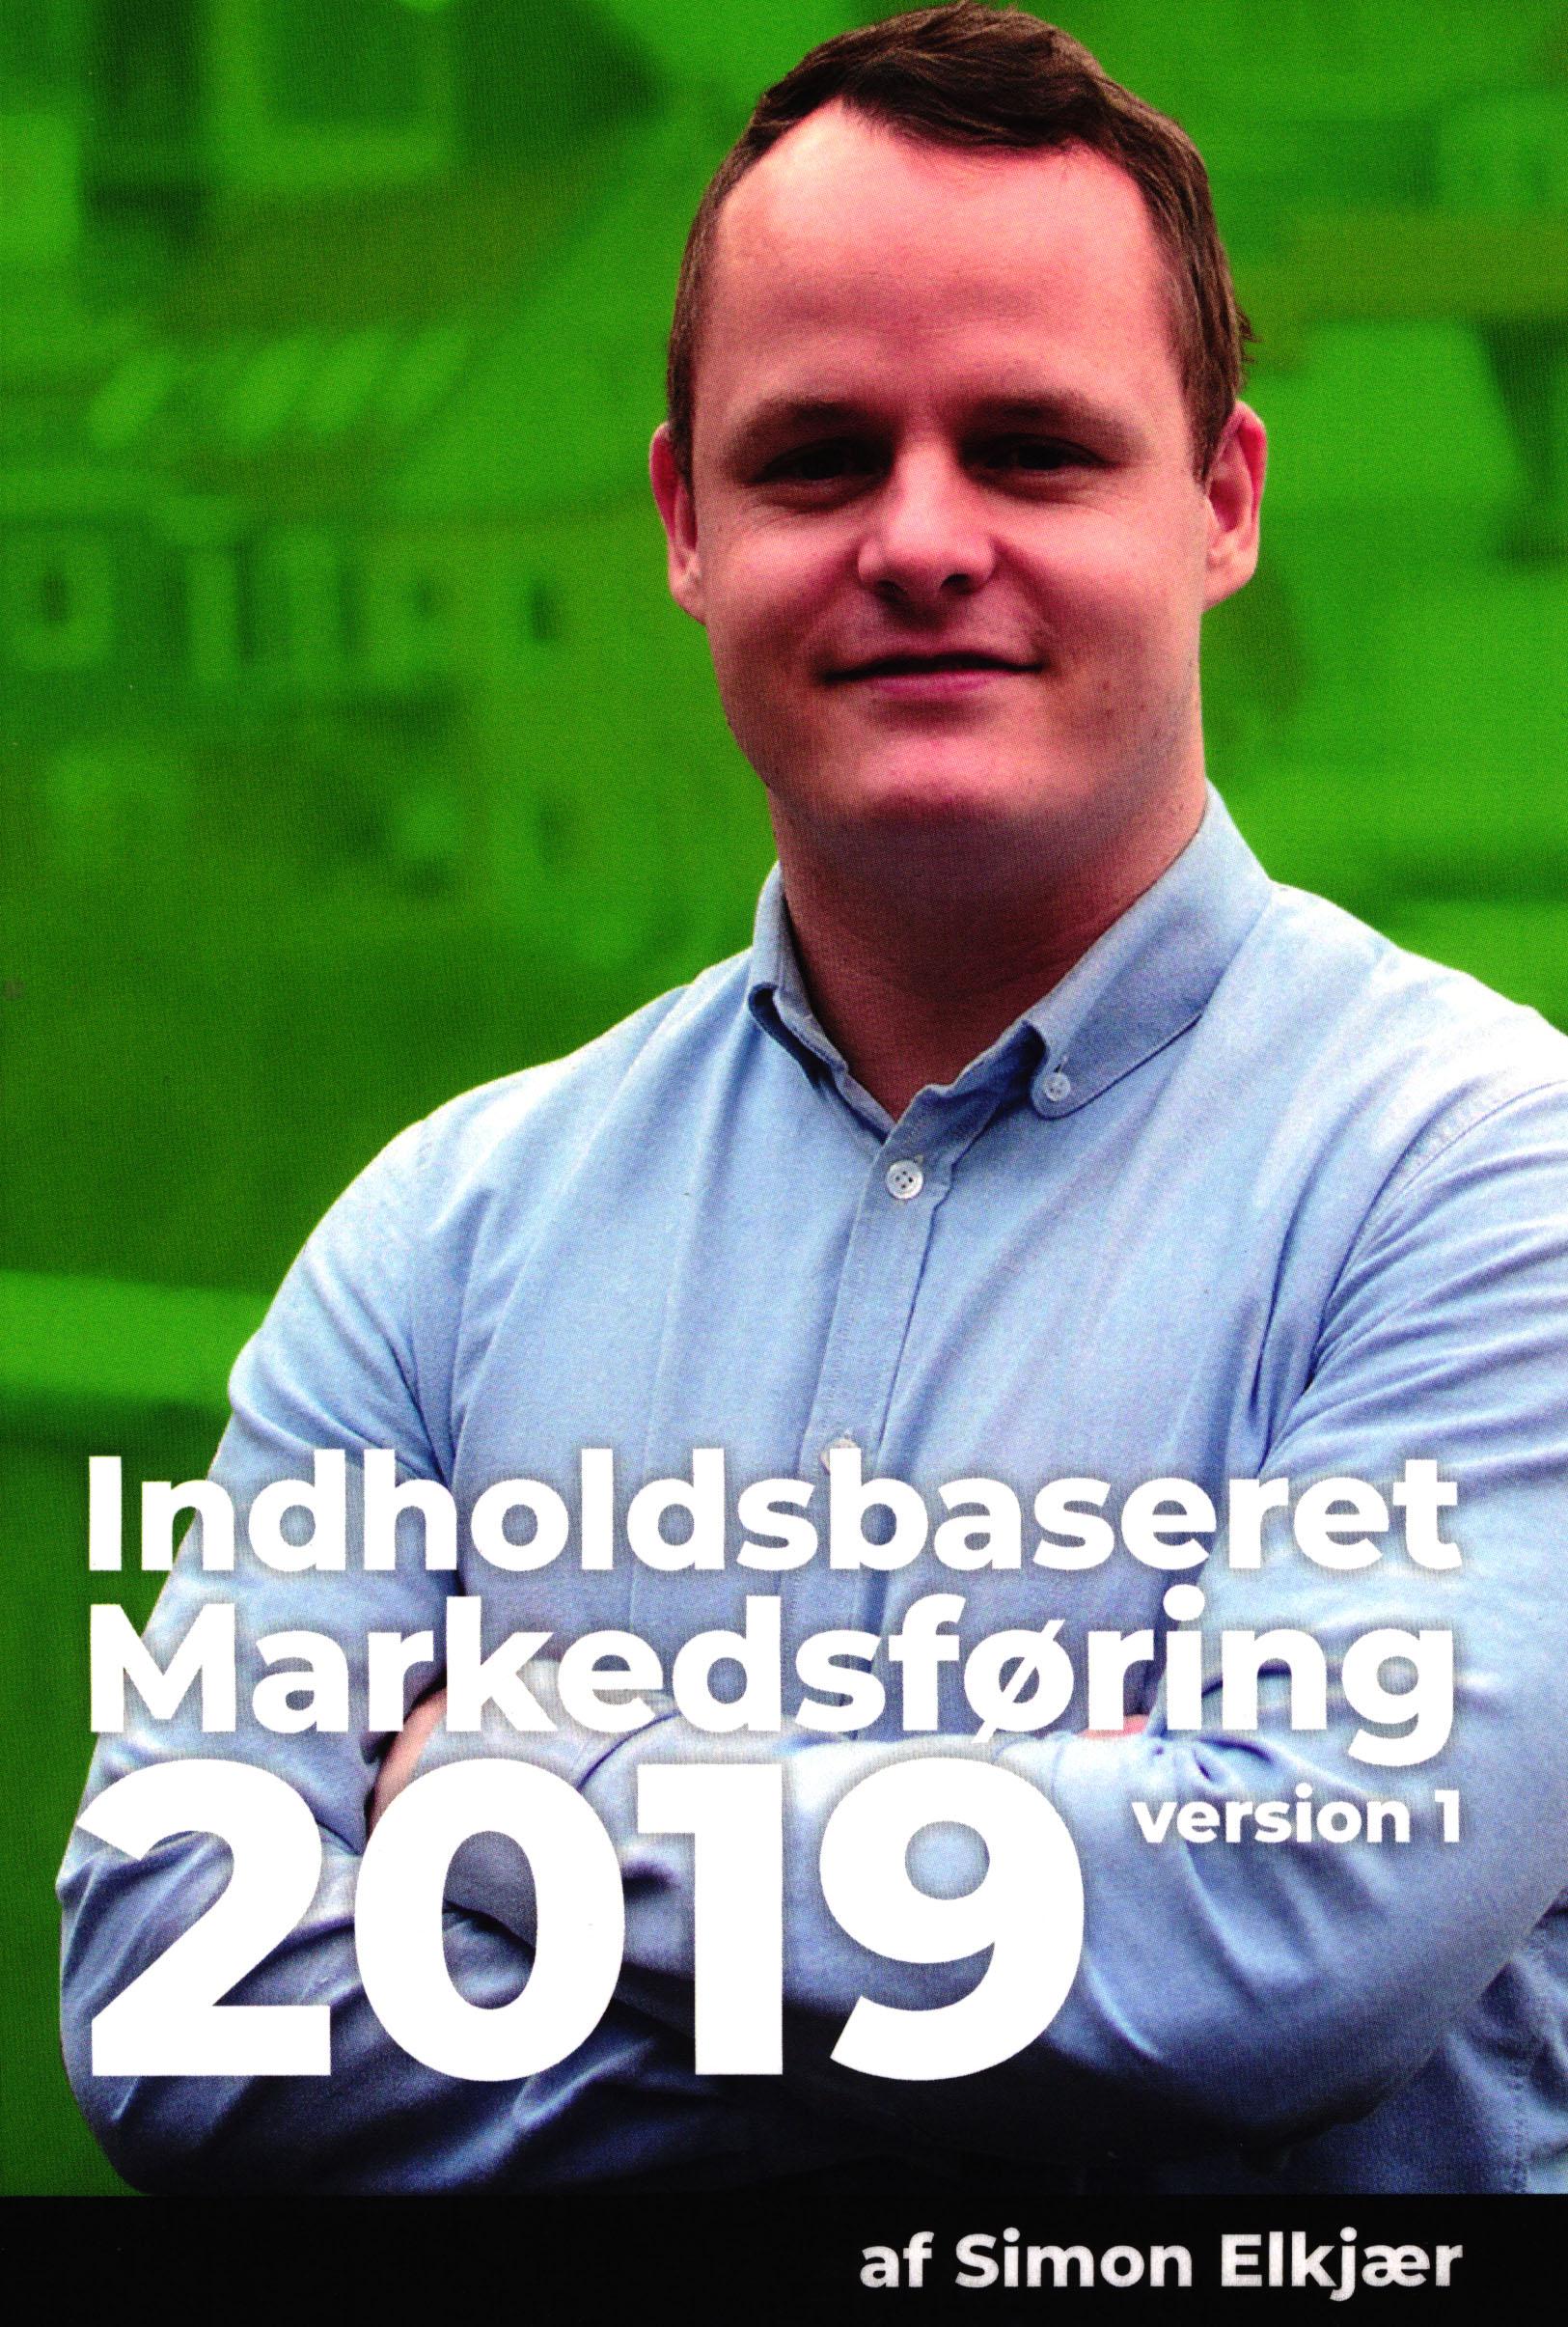 Indholdsbaseret Markedsføring - Simon Elkjær - Bøger - Nutimo Consult ApS - 9788797135600 - 9/8-2019